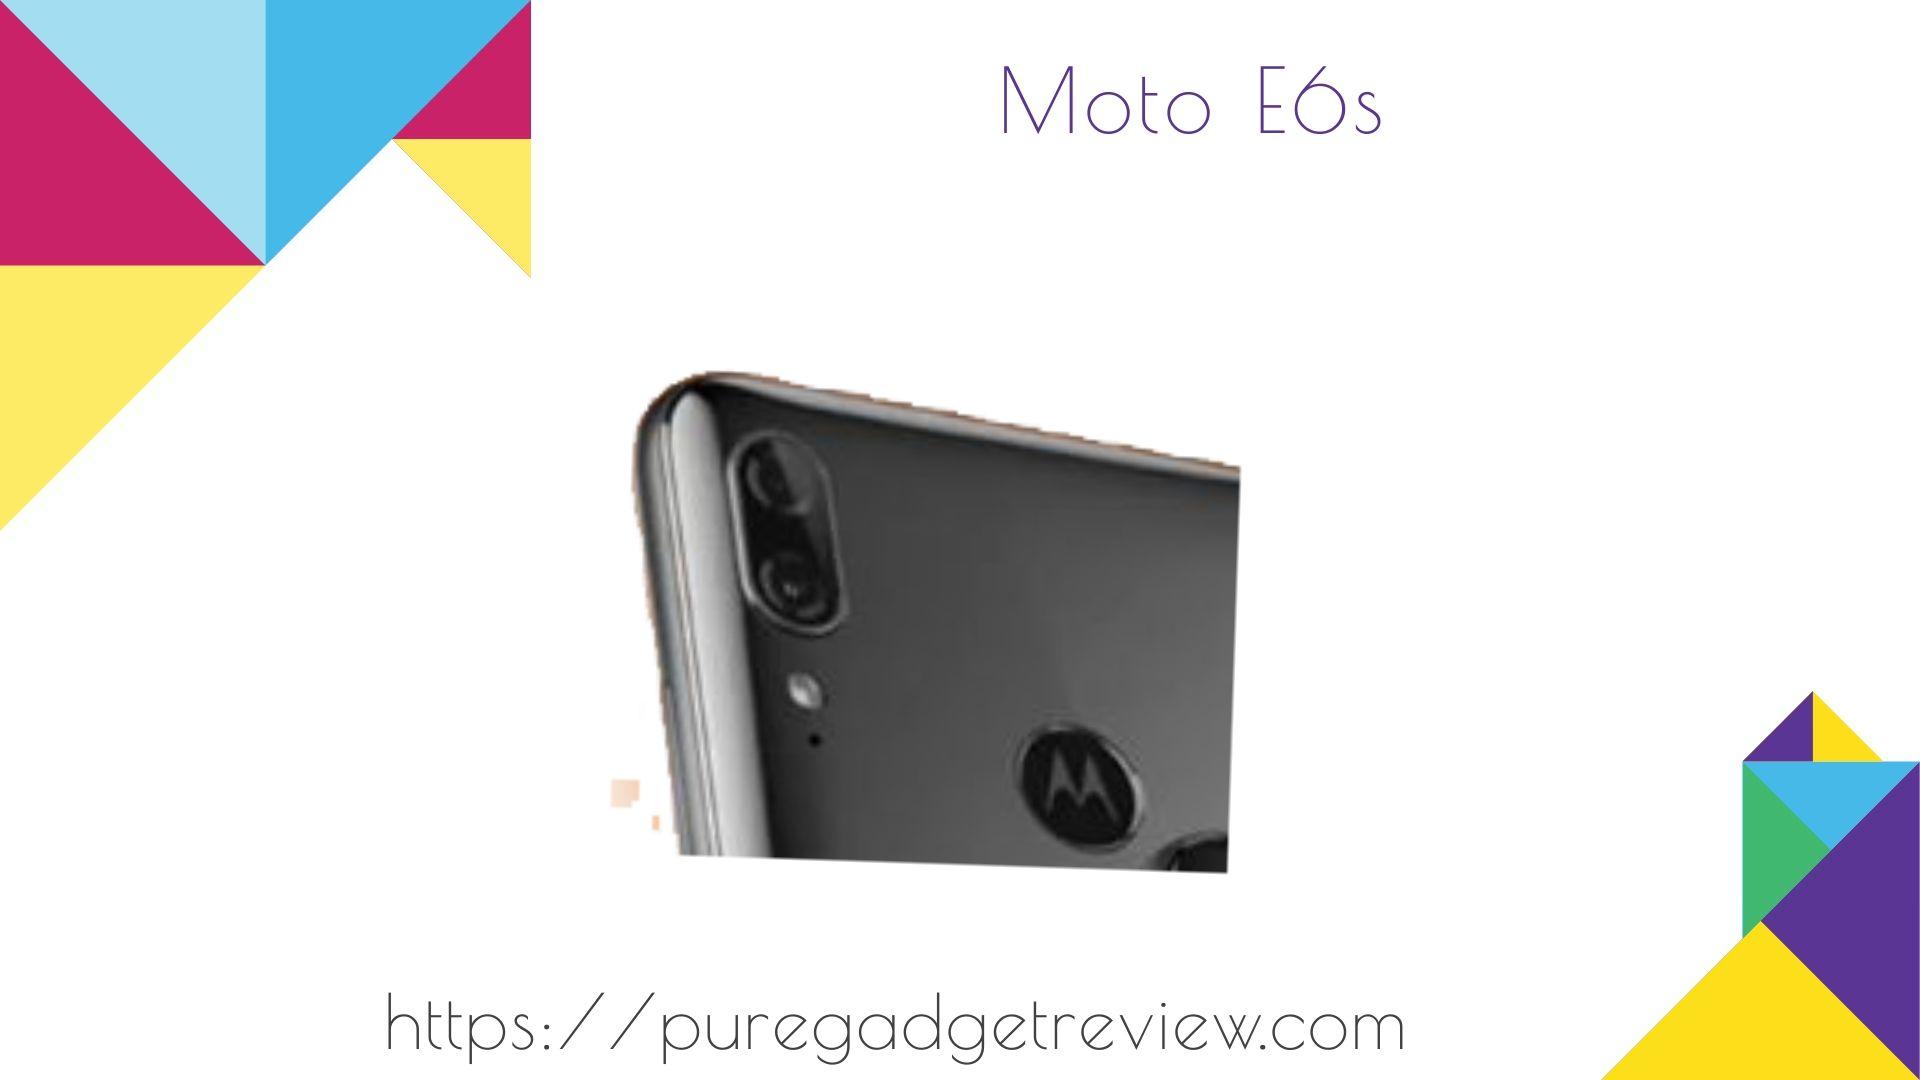 Moto E6s Launching Moto E6s Launching Date In India Moto E6s